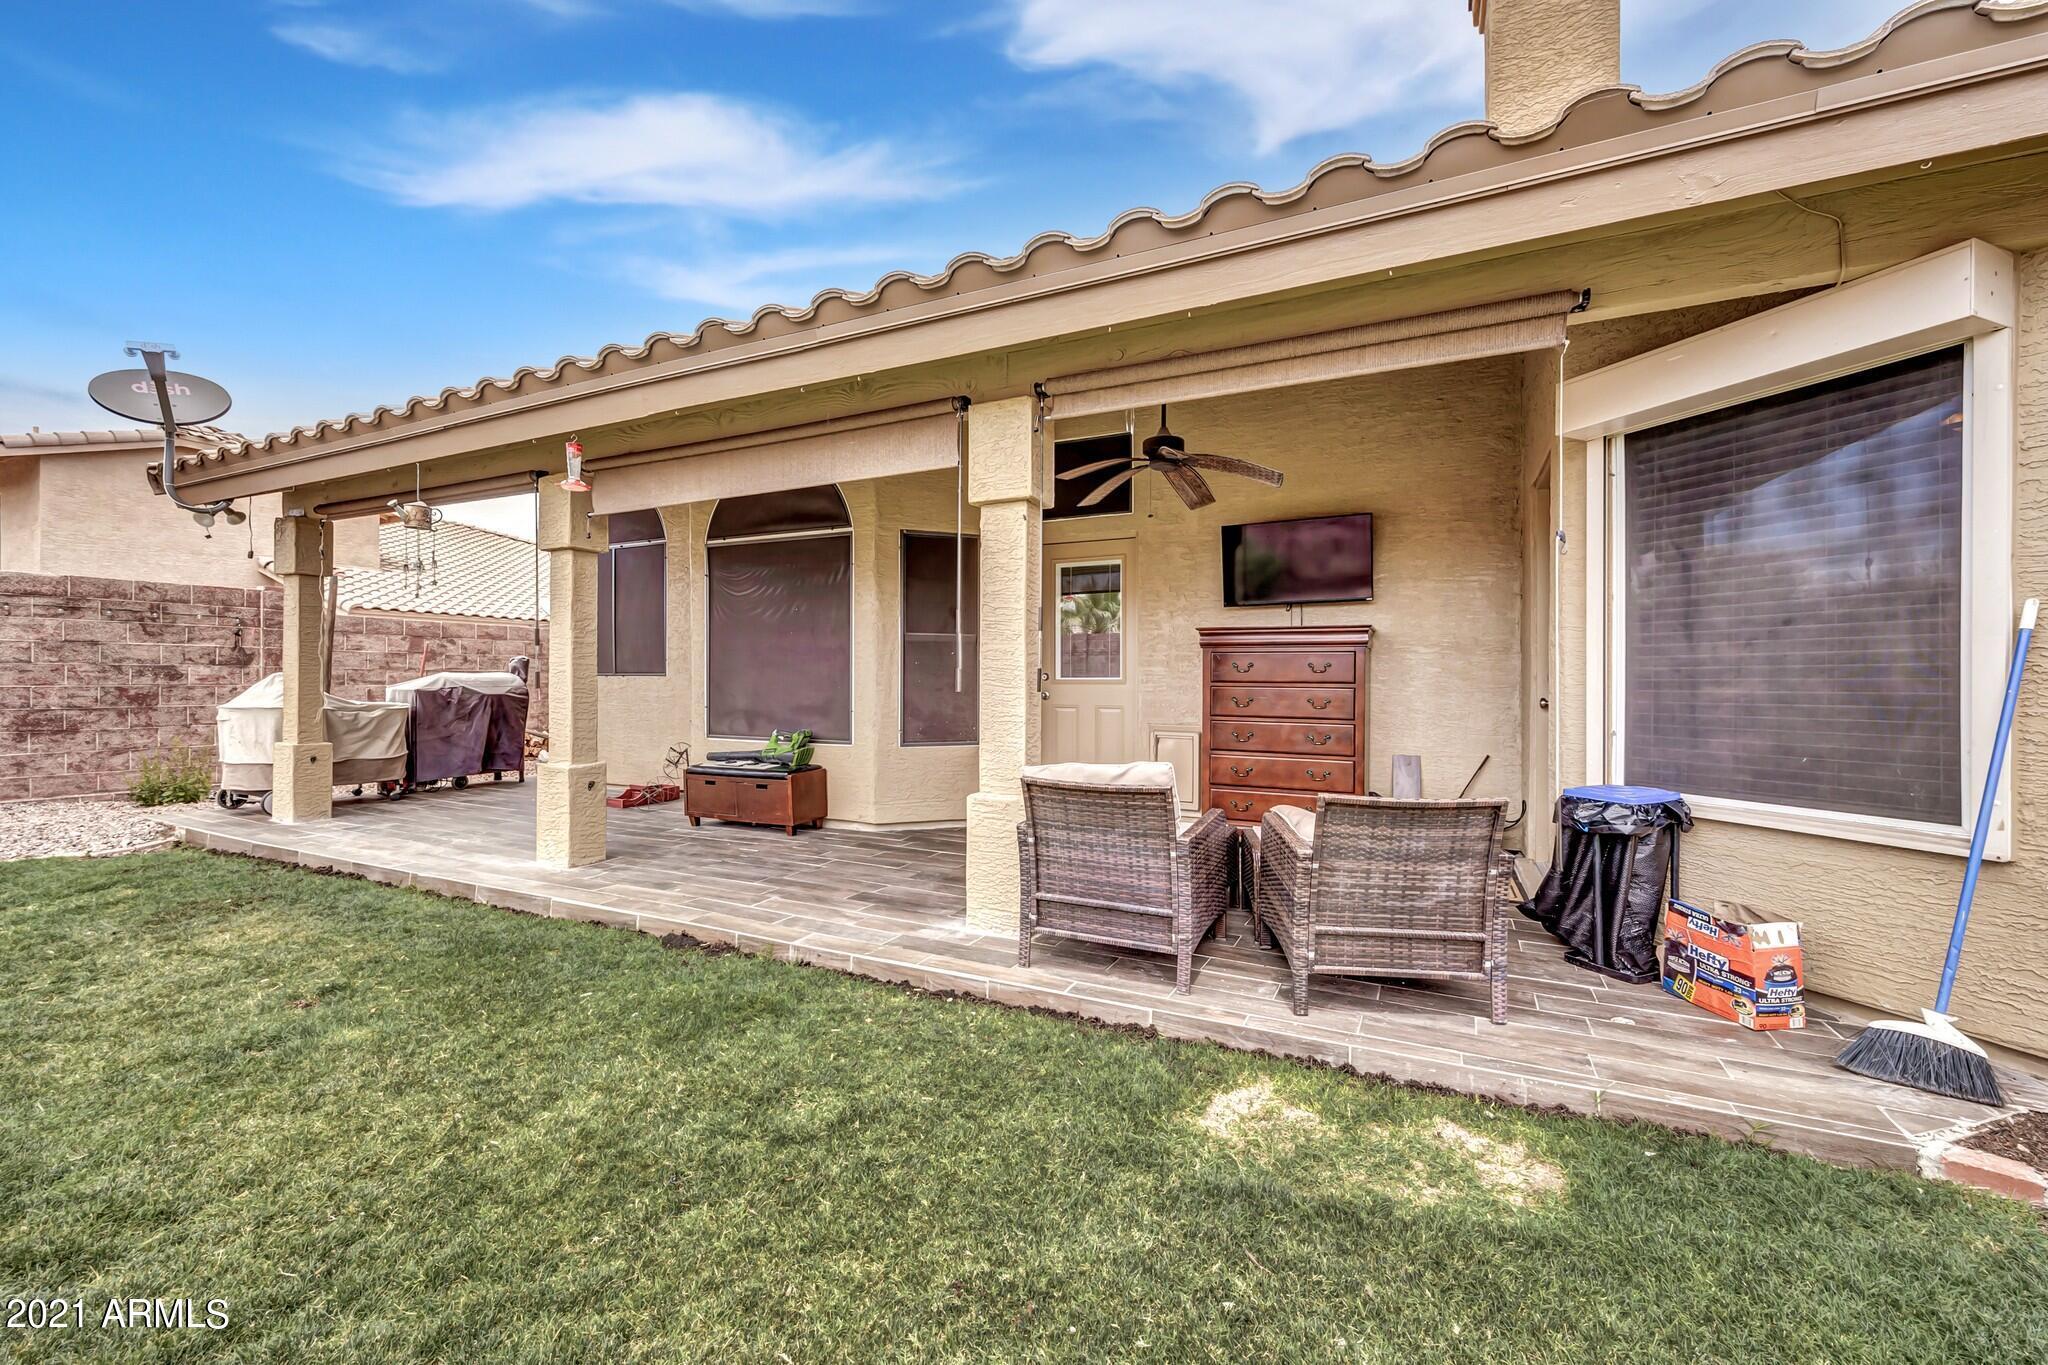 MLS 6234671 10682 S INDIAN WELLS Drive, Goodyear, AZ 85338 Goodyear AZ Estrella Mountain Ranch